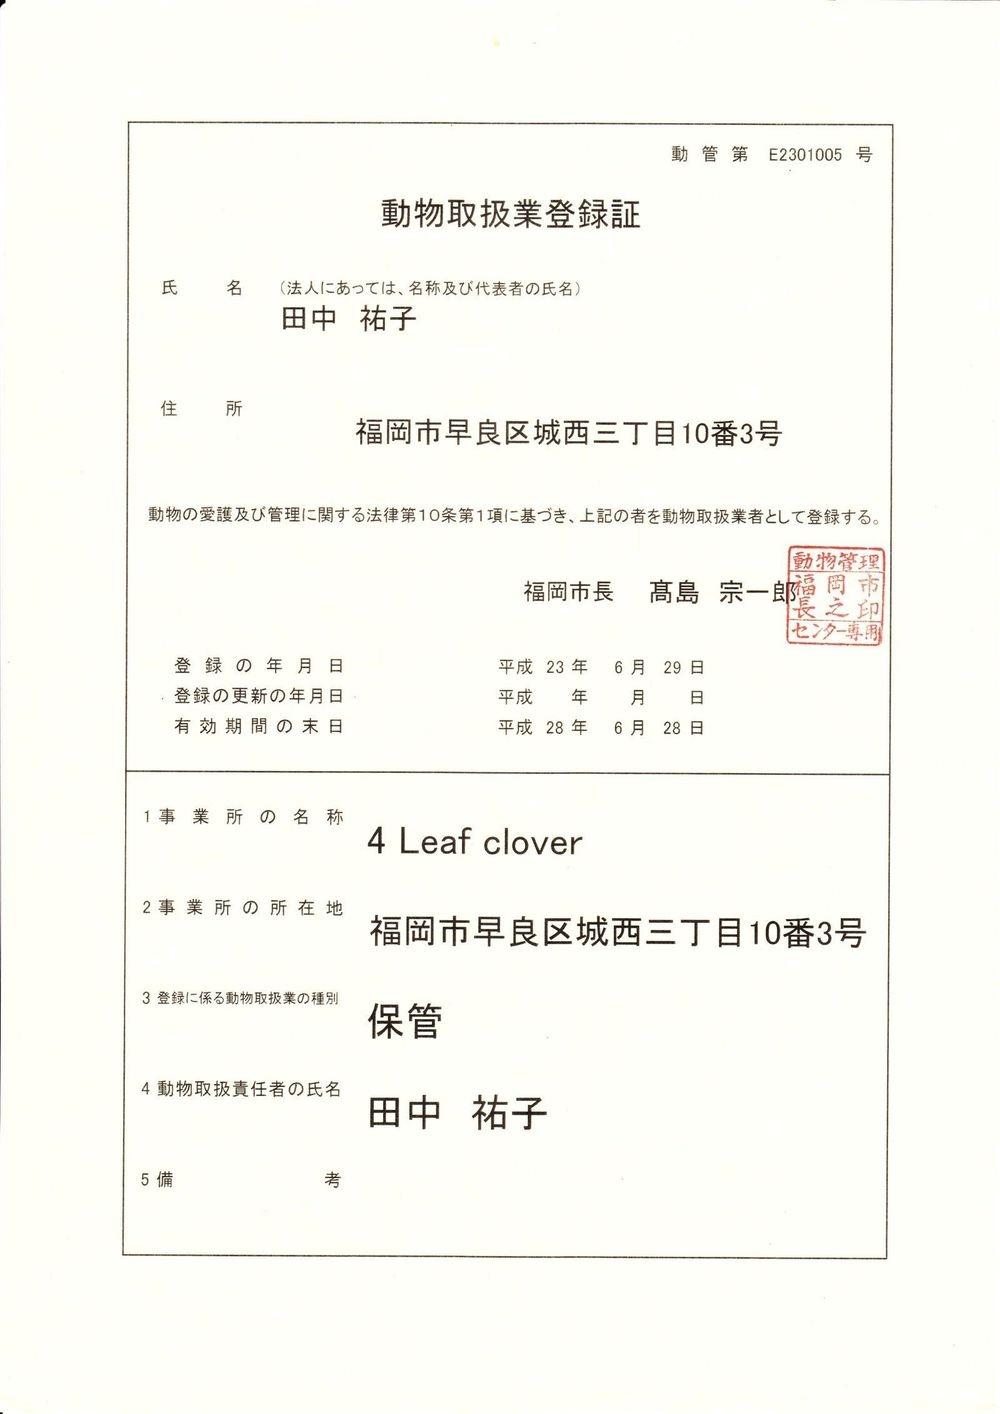 ペットシッター4Leafcloverは動物取扱業に登録済みです。